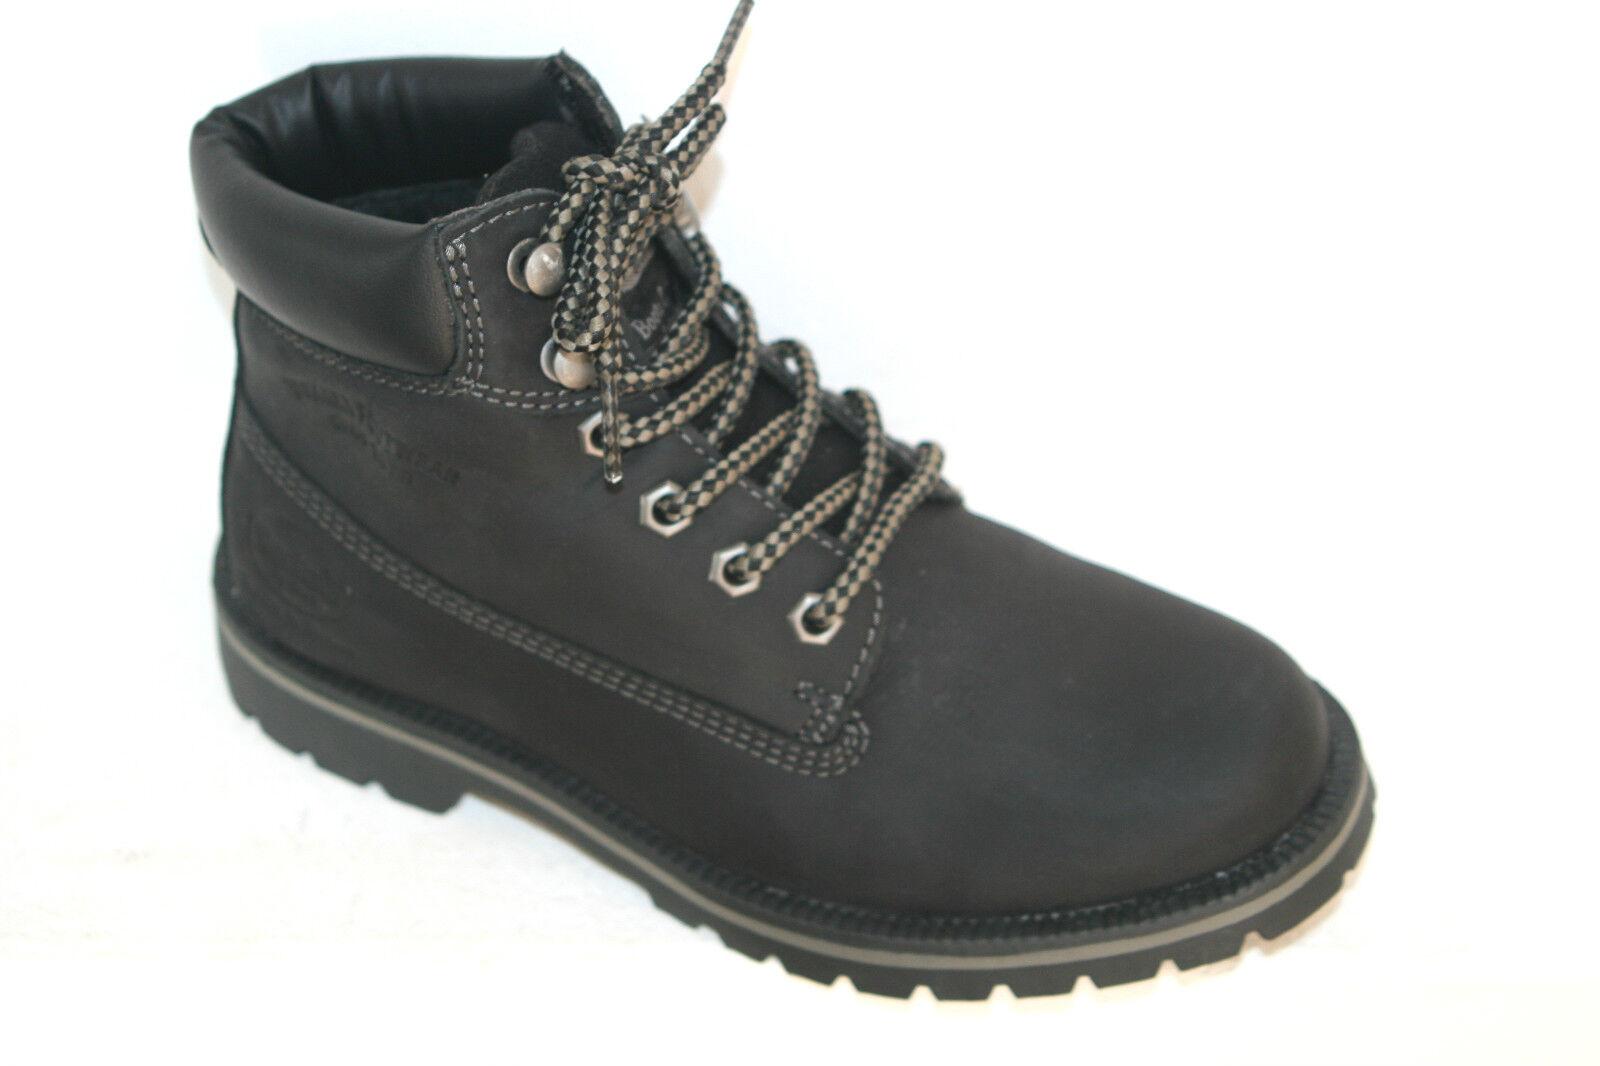 Dockers Wanderschuhe Stiefel Stiefel Damen Jungen Mädchen Warmfutter schwarz